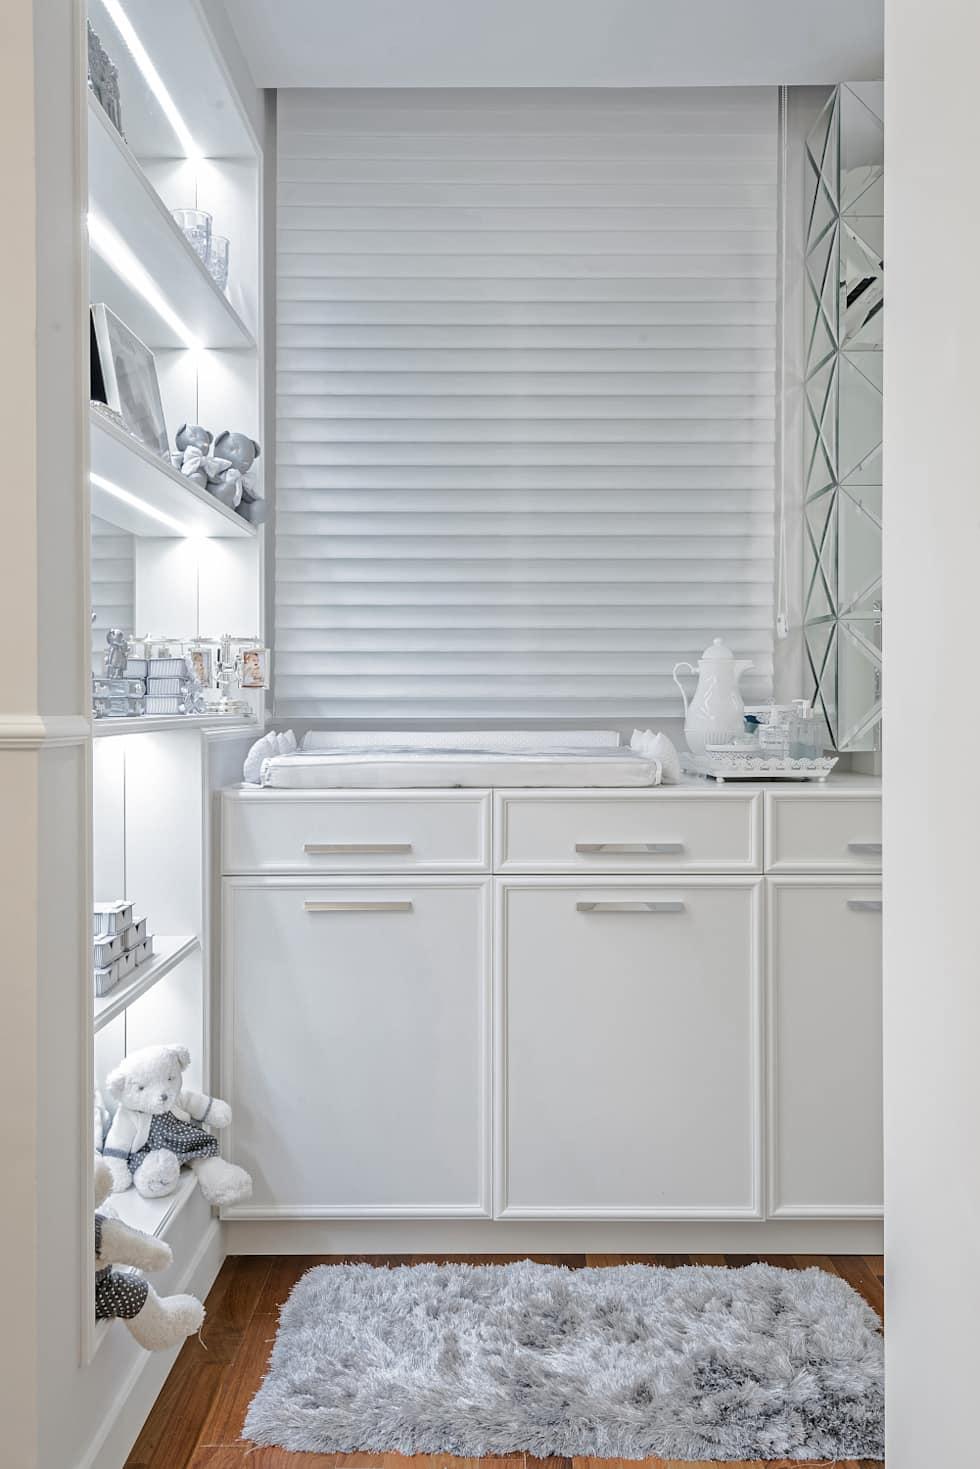 Nesse quartinho clean de bebê, o cortineiro de gesso recebeu uma persiana branca